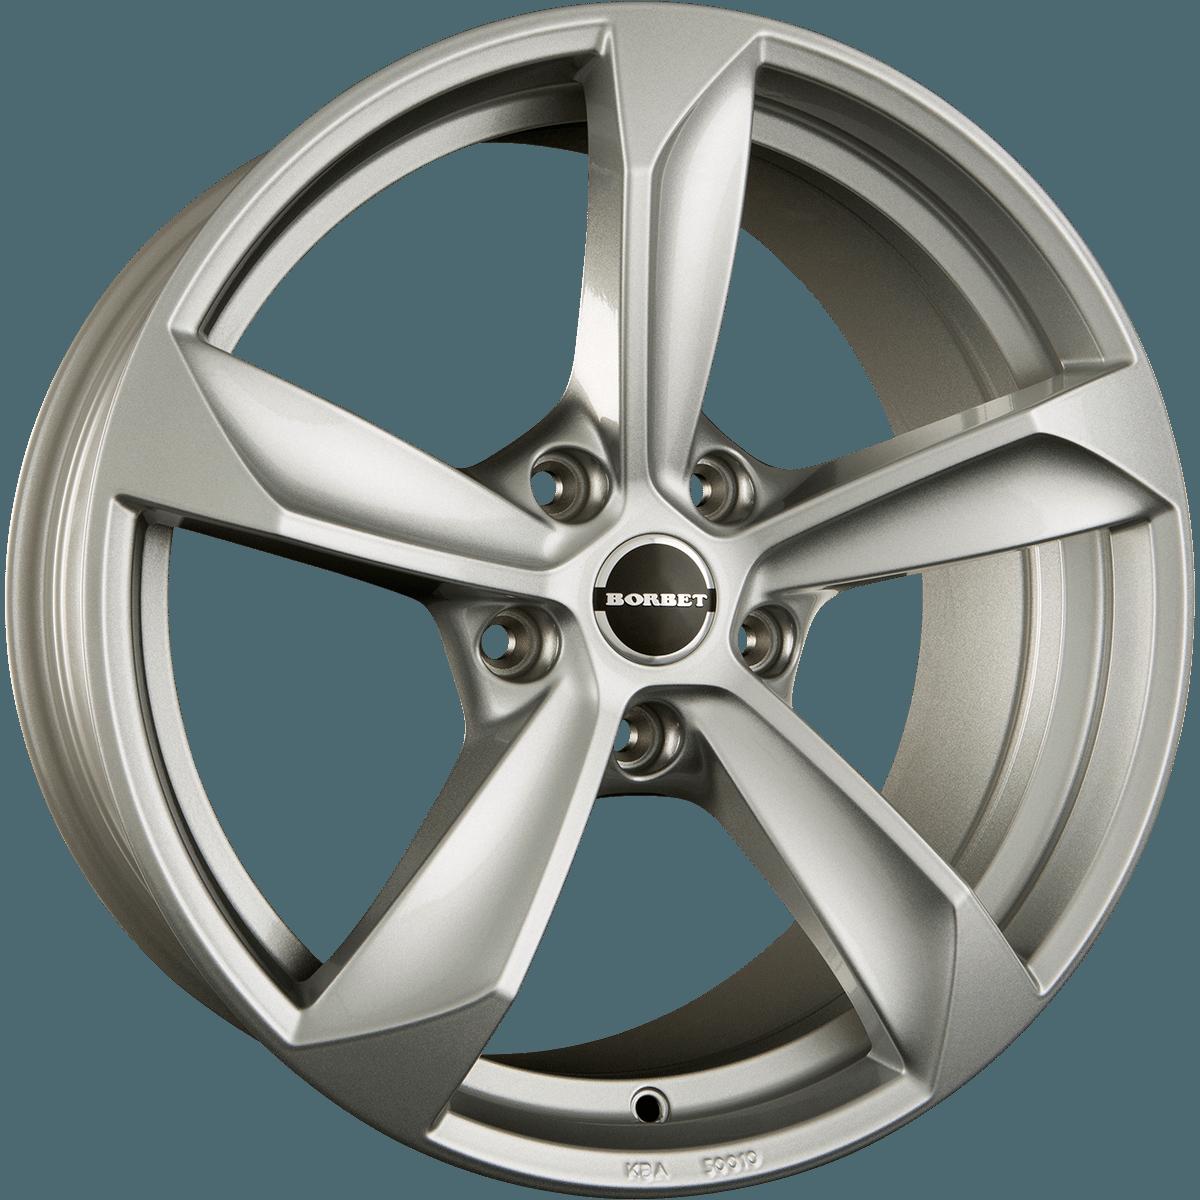 Borbet - S (Brillant Silver)